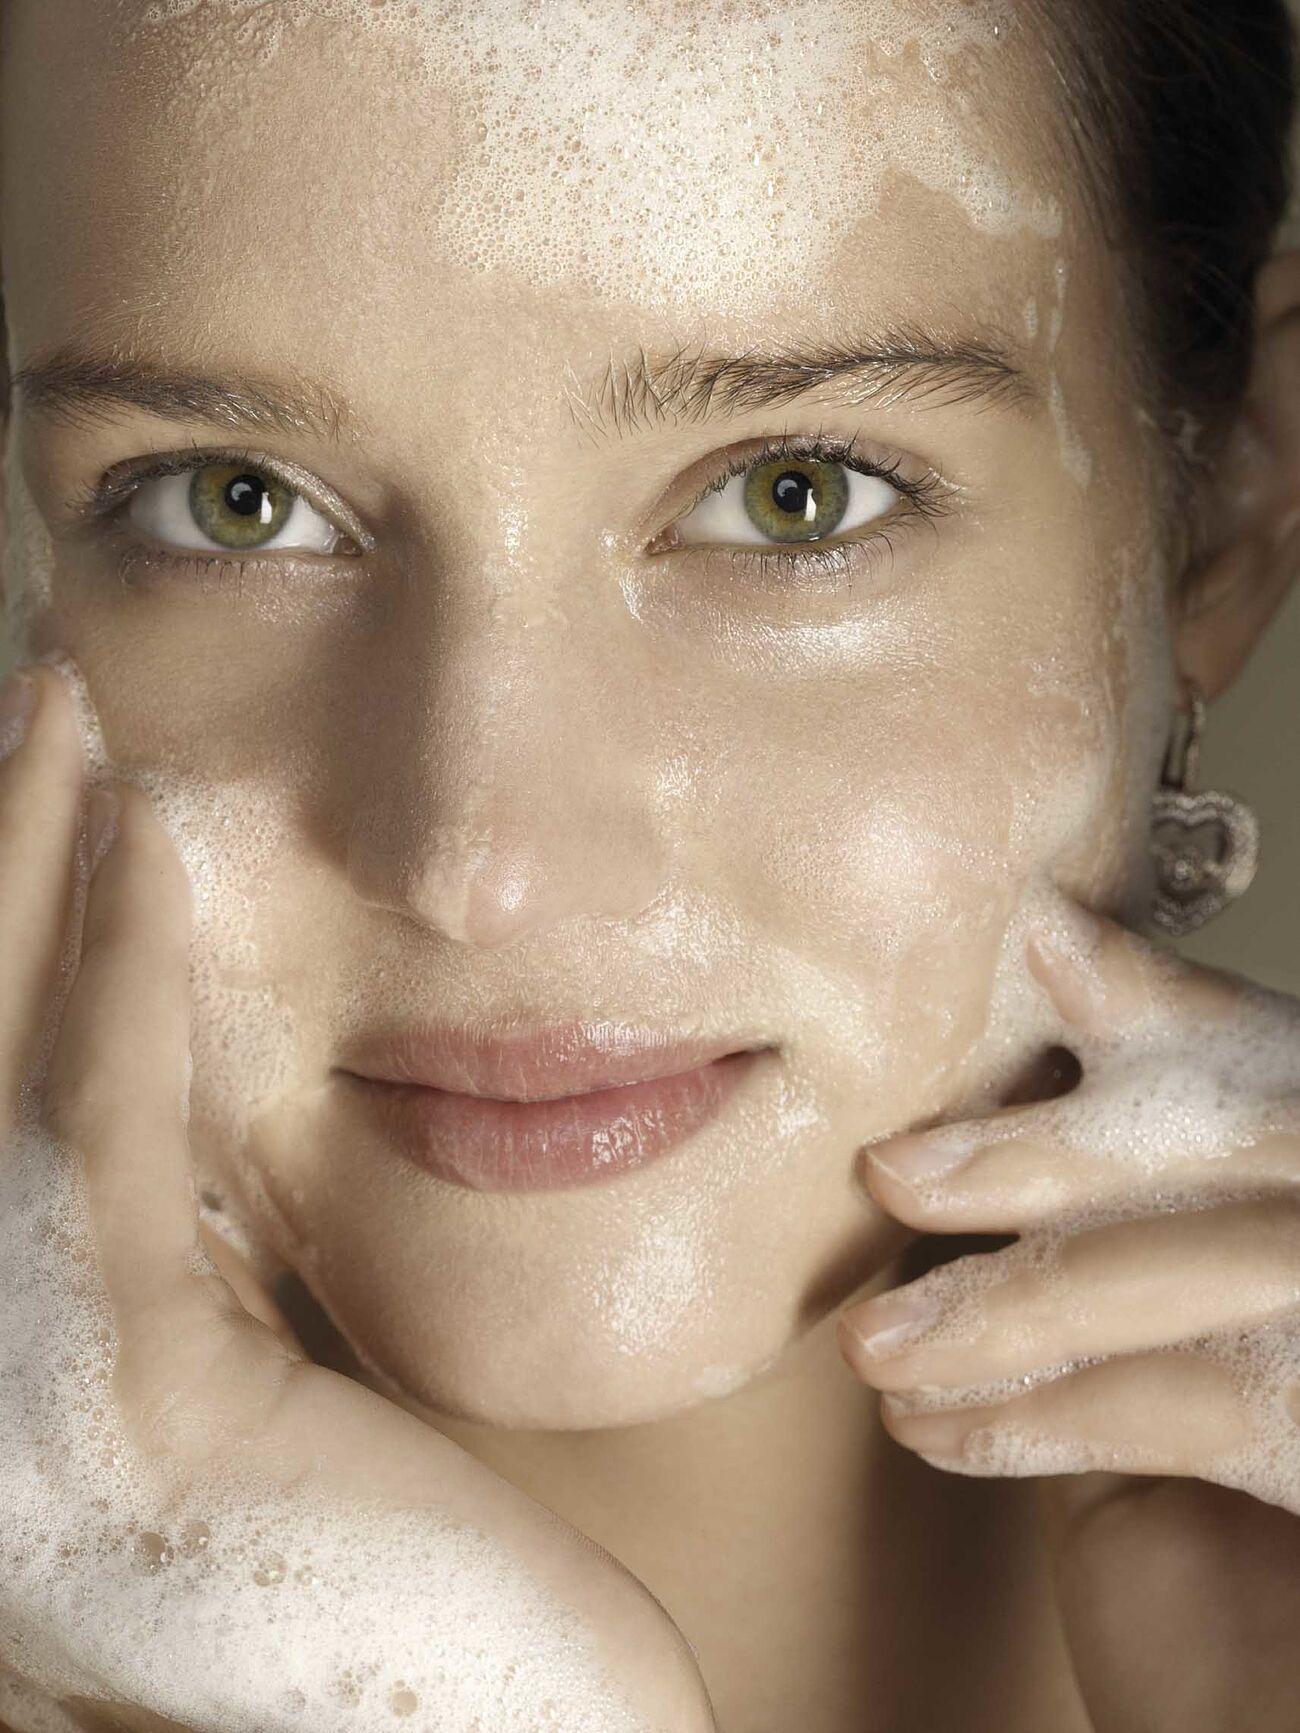 La limpieza es el paso imprescindible para una piel bonita, luminosa y...